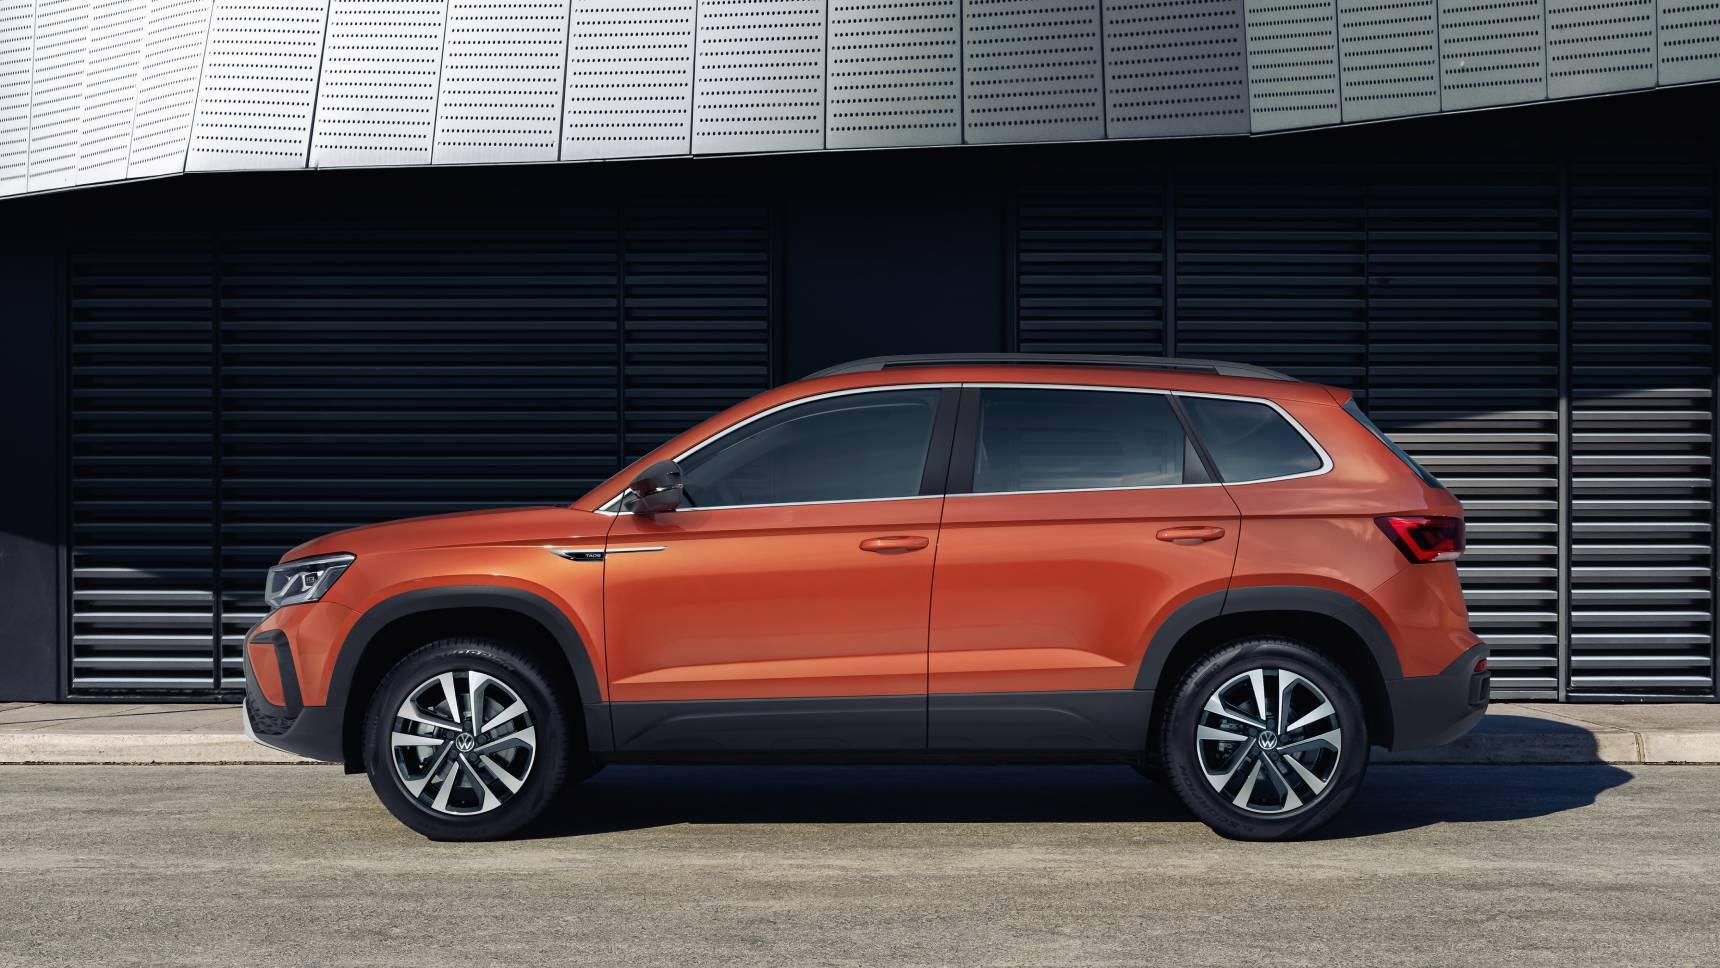 Стало известно оснащение Volkswagen Taos для россиян